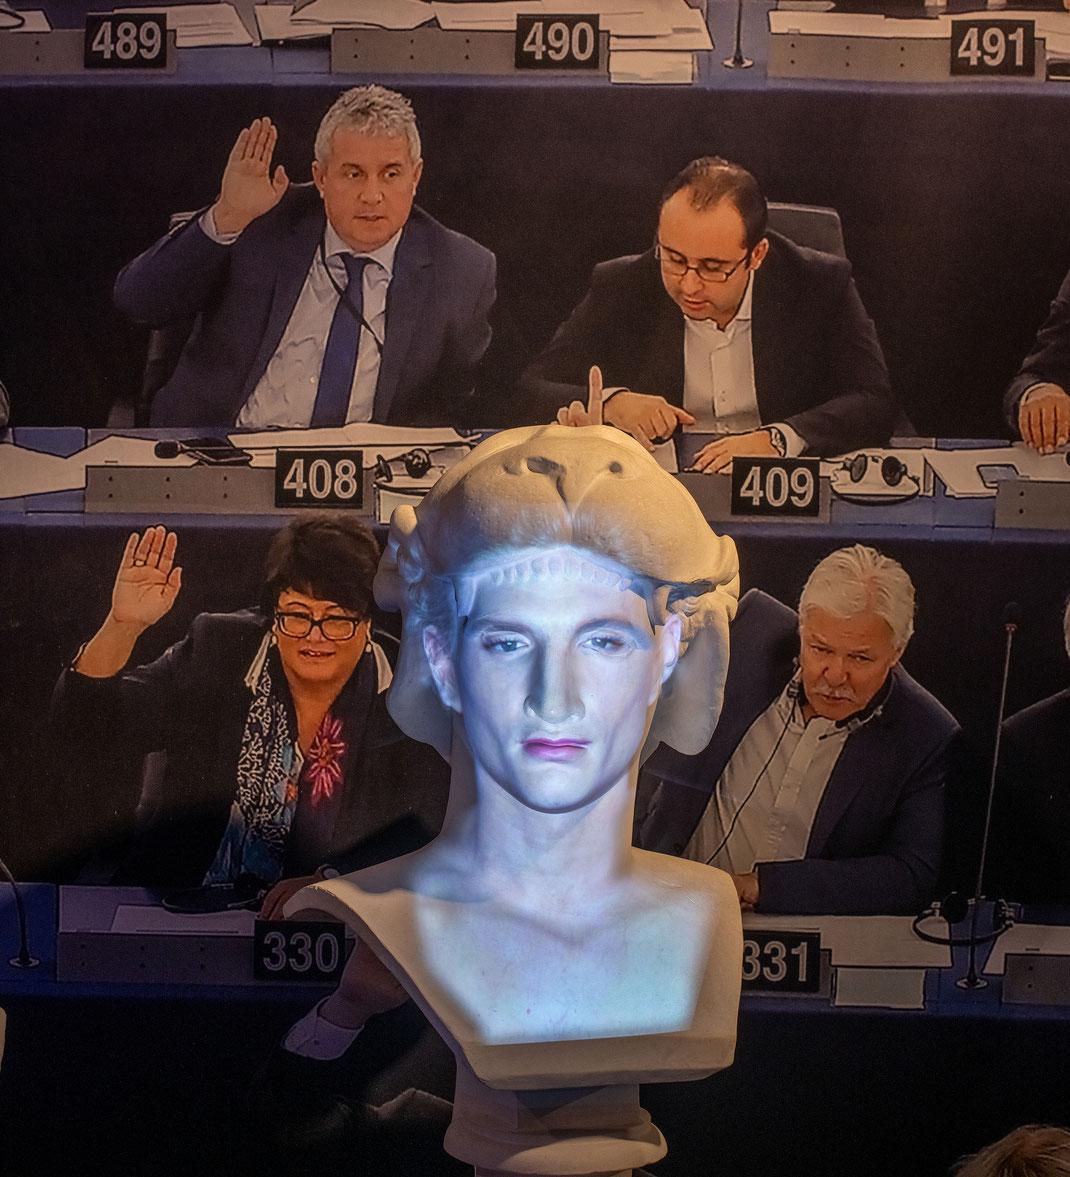 Europa-Parlament-Plenarsaal-Bruessel-Bildungsprojekt-Kulturelle-Vielfalt-Politik-Ausstellung-FACING-HISTORY-Kulturgeschichte-digital-Schauspieler-Ben-Gageik